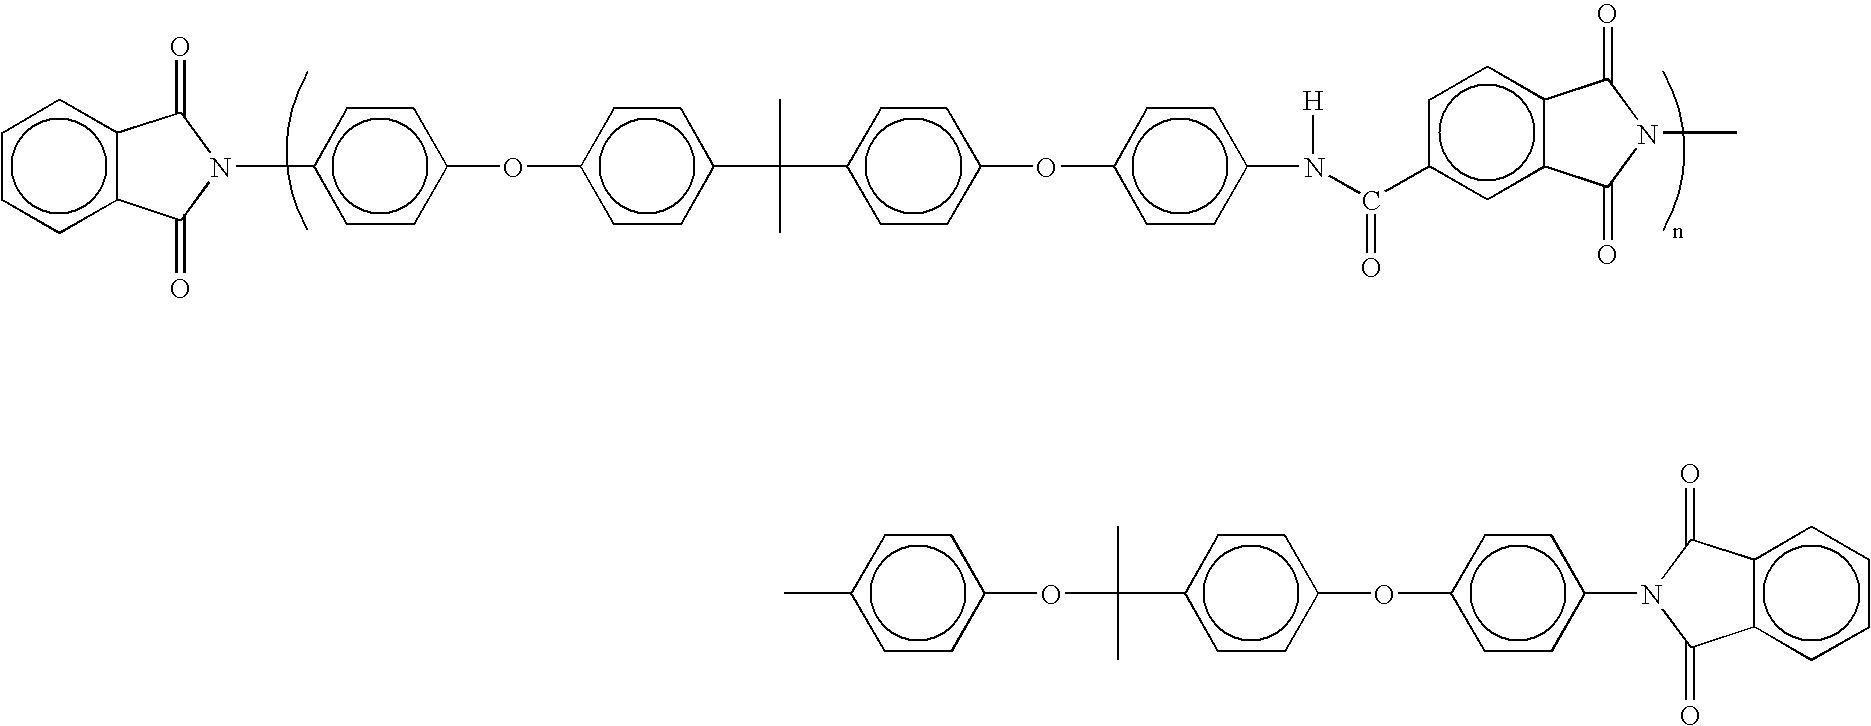 Figure US20090038750A1-20090212-C00018